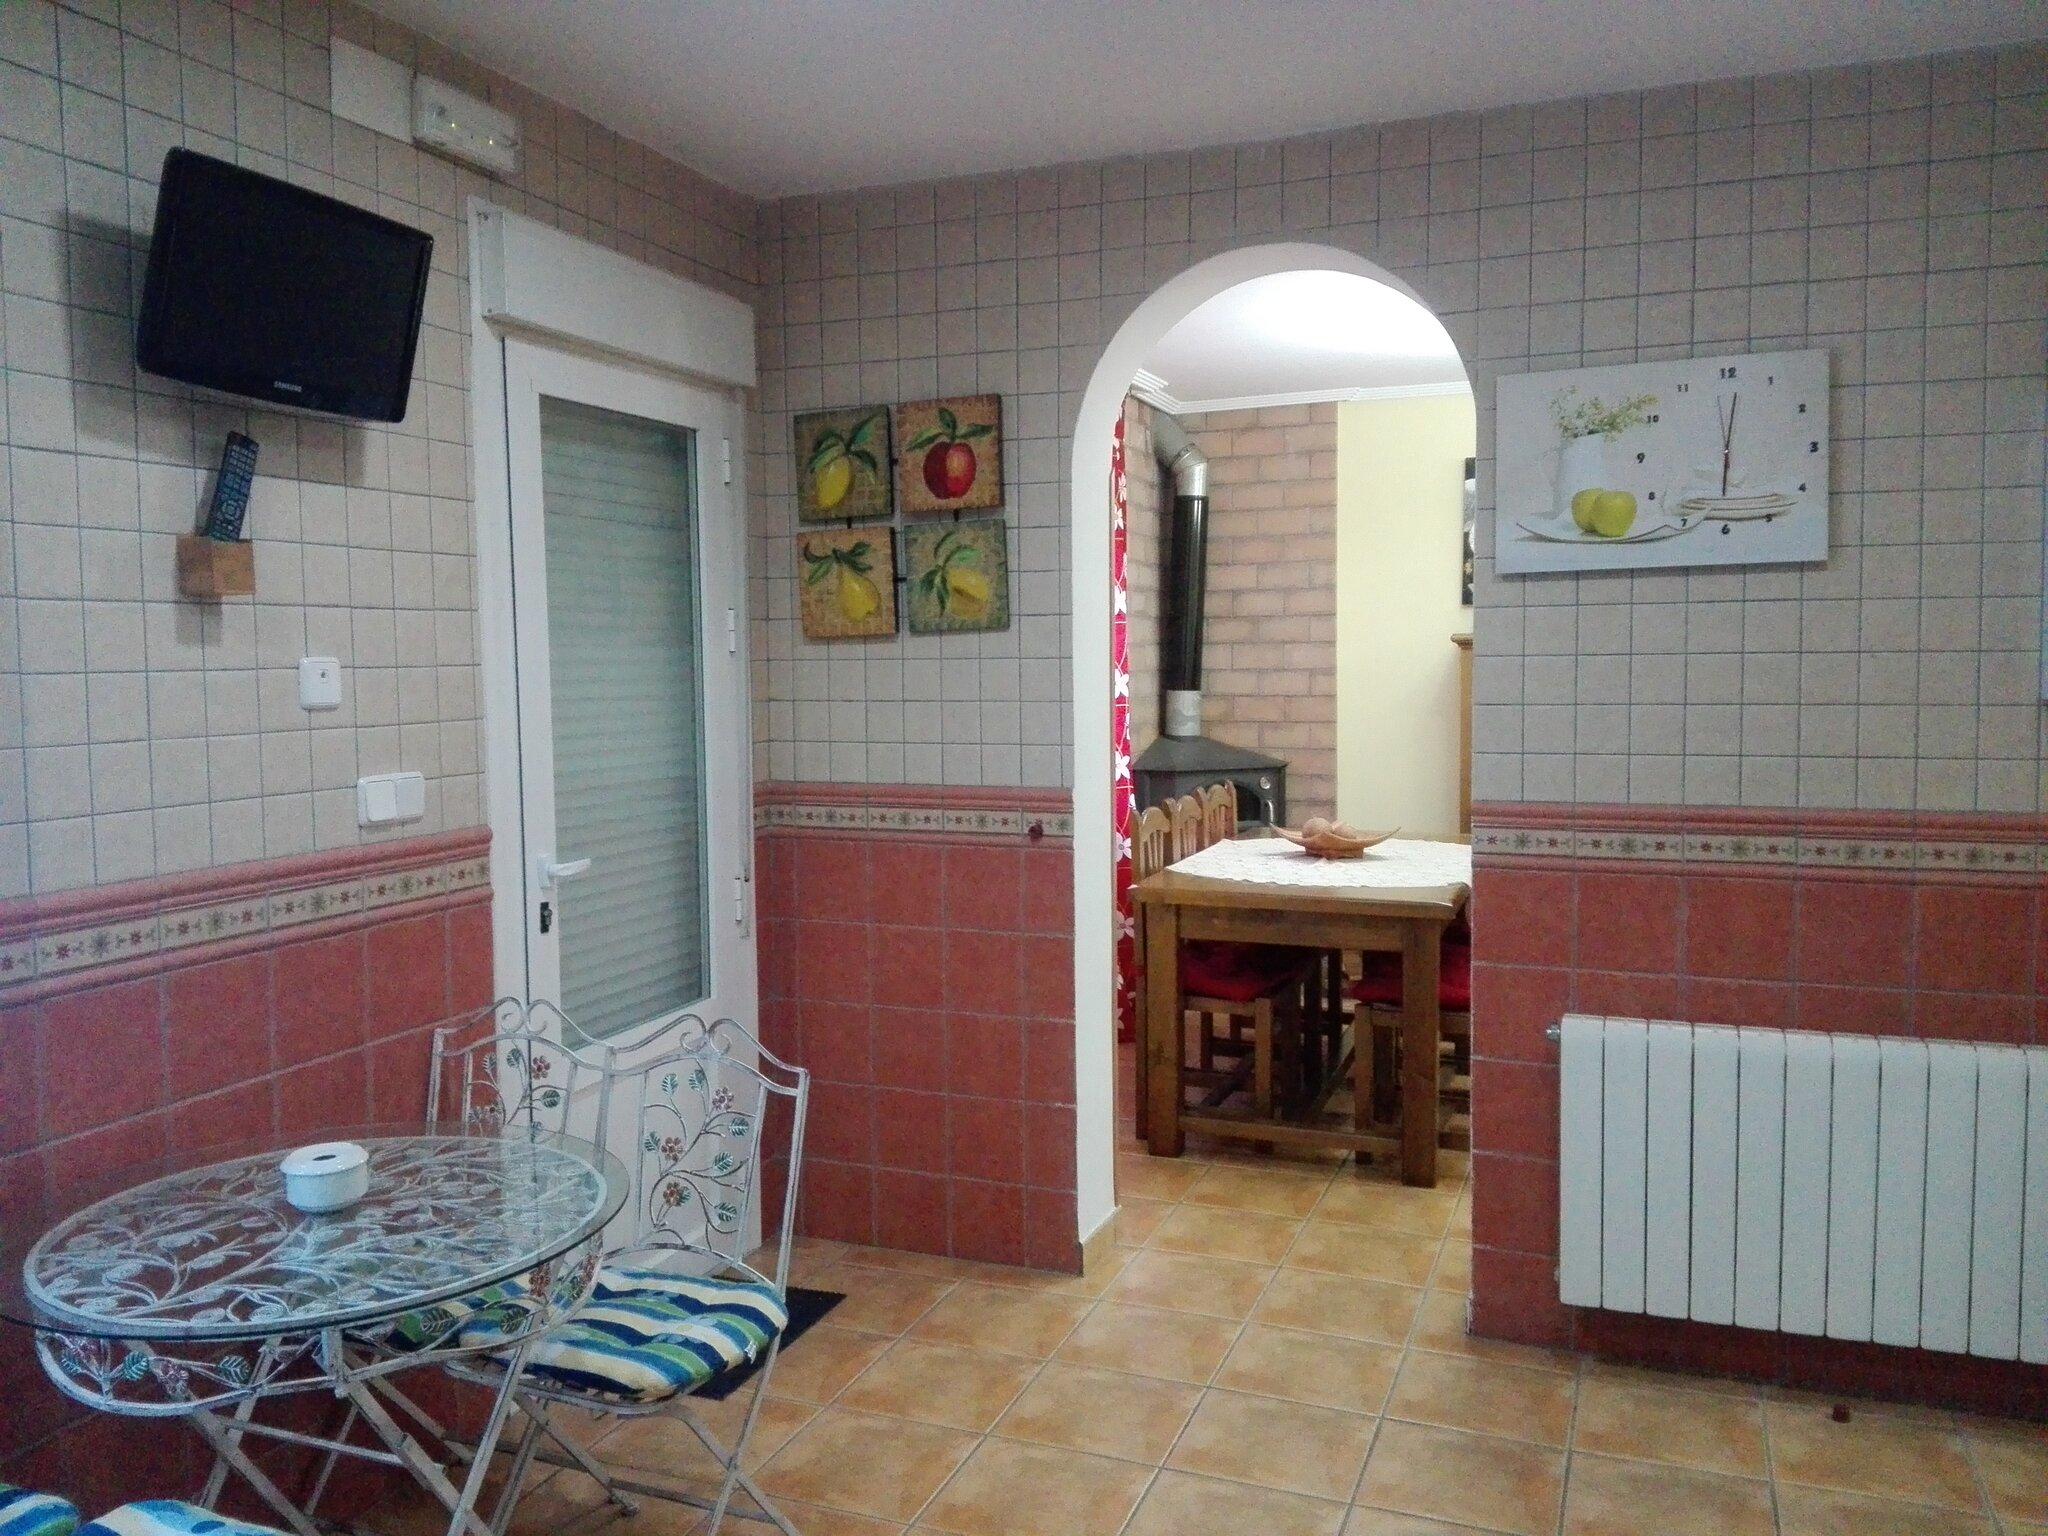 Ferienhaus Lndliches Haus Castellar de Santiago (2515123), Castellar de Santiago, Ciudad Real, Kastilien-La Mancha, Spanien, Bild 22